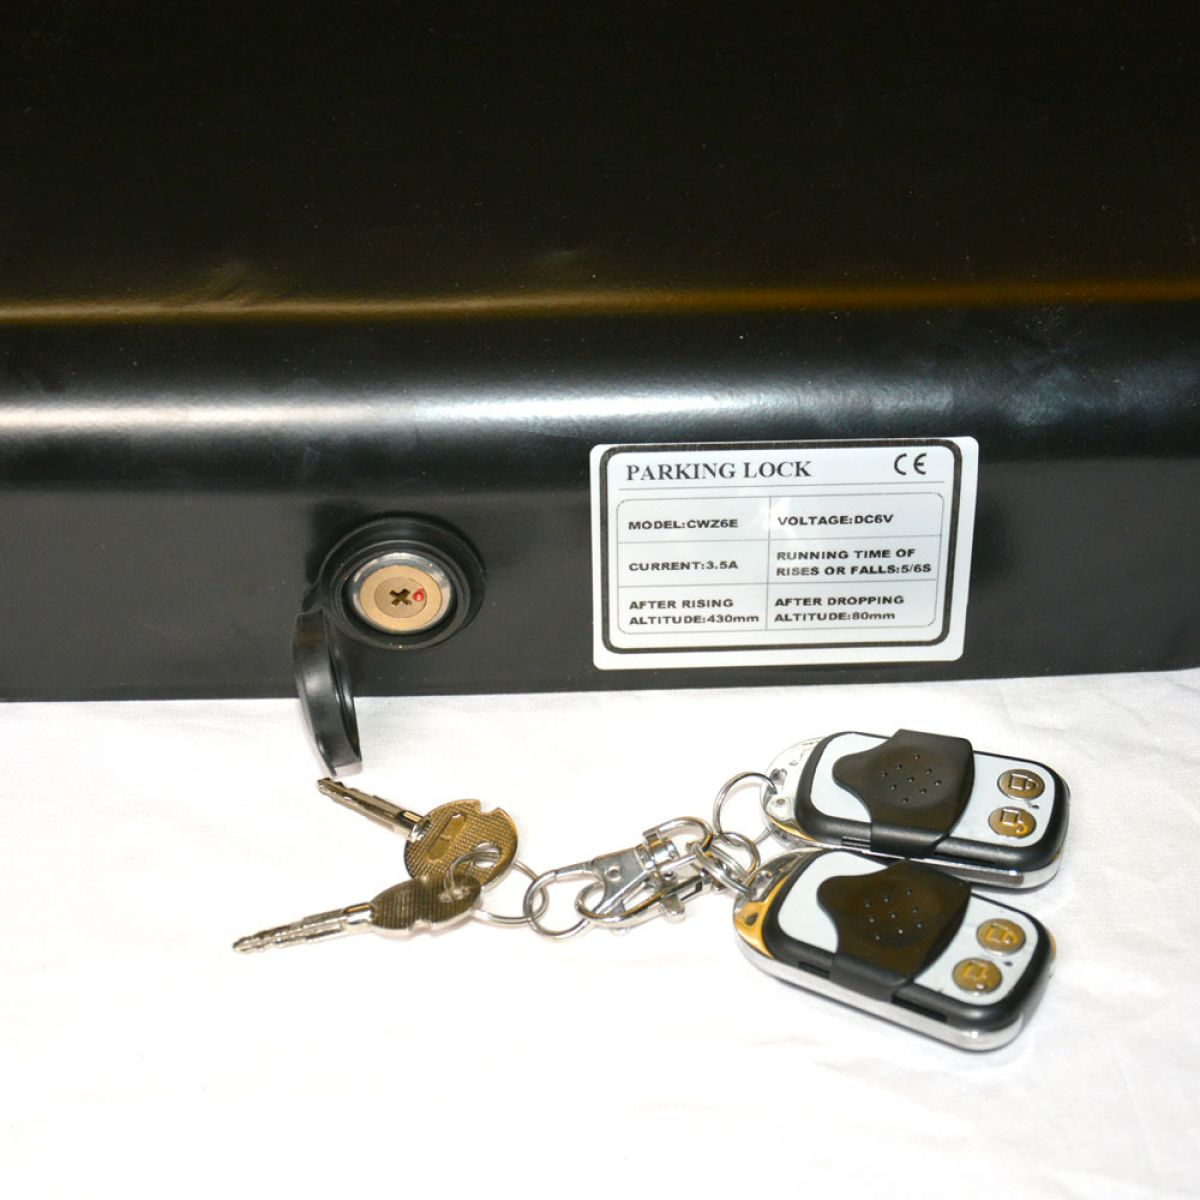 zaun-nagel - parkplatzsperre elektrisch solar + fernbedienung